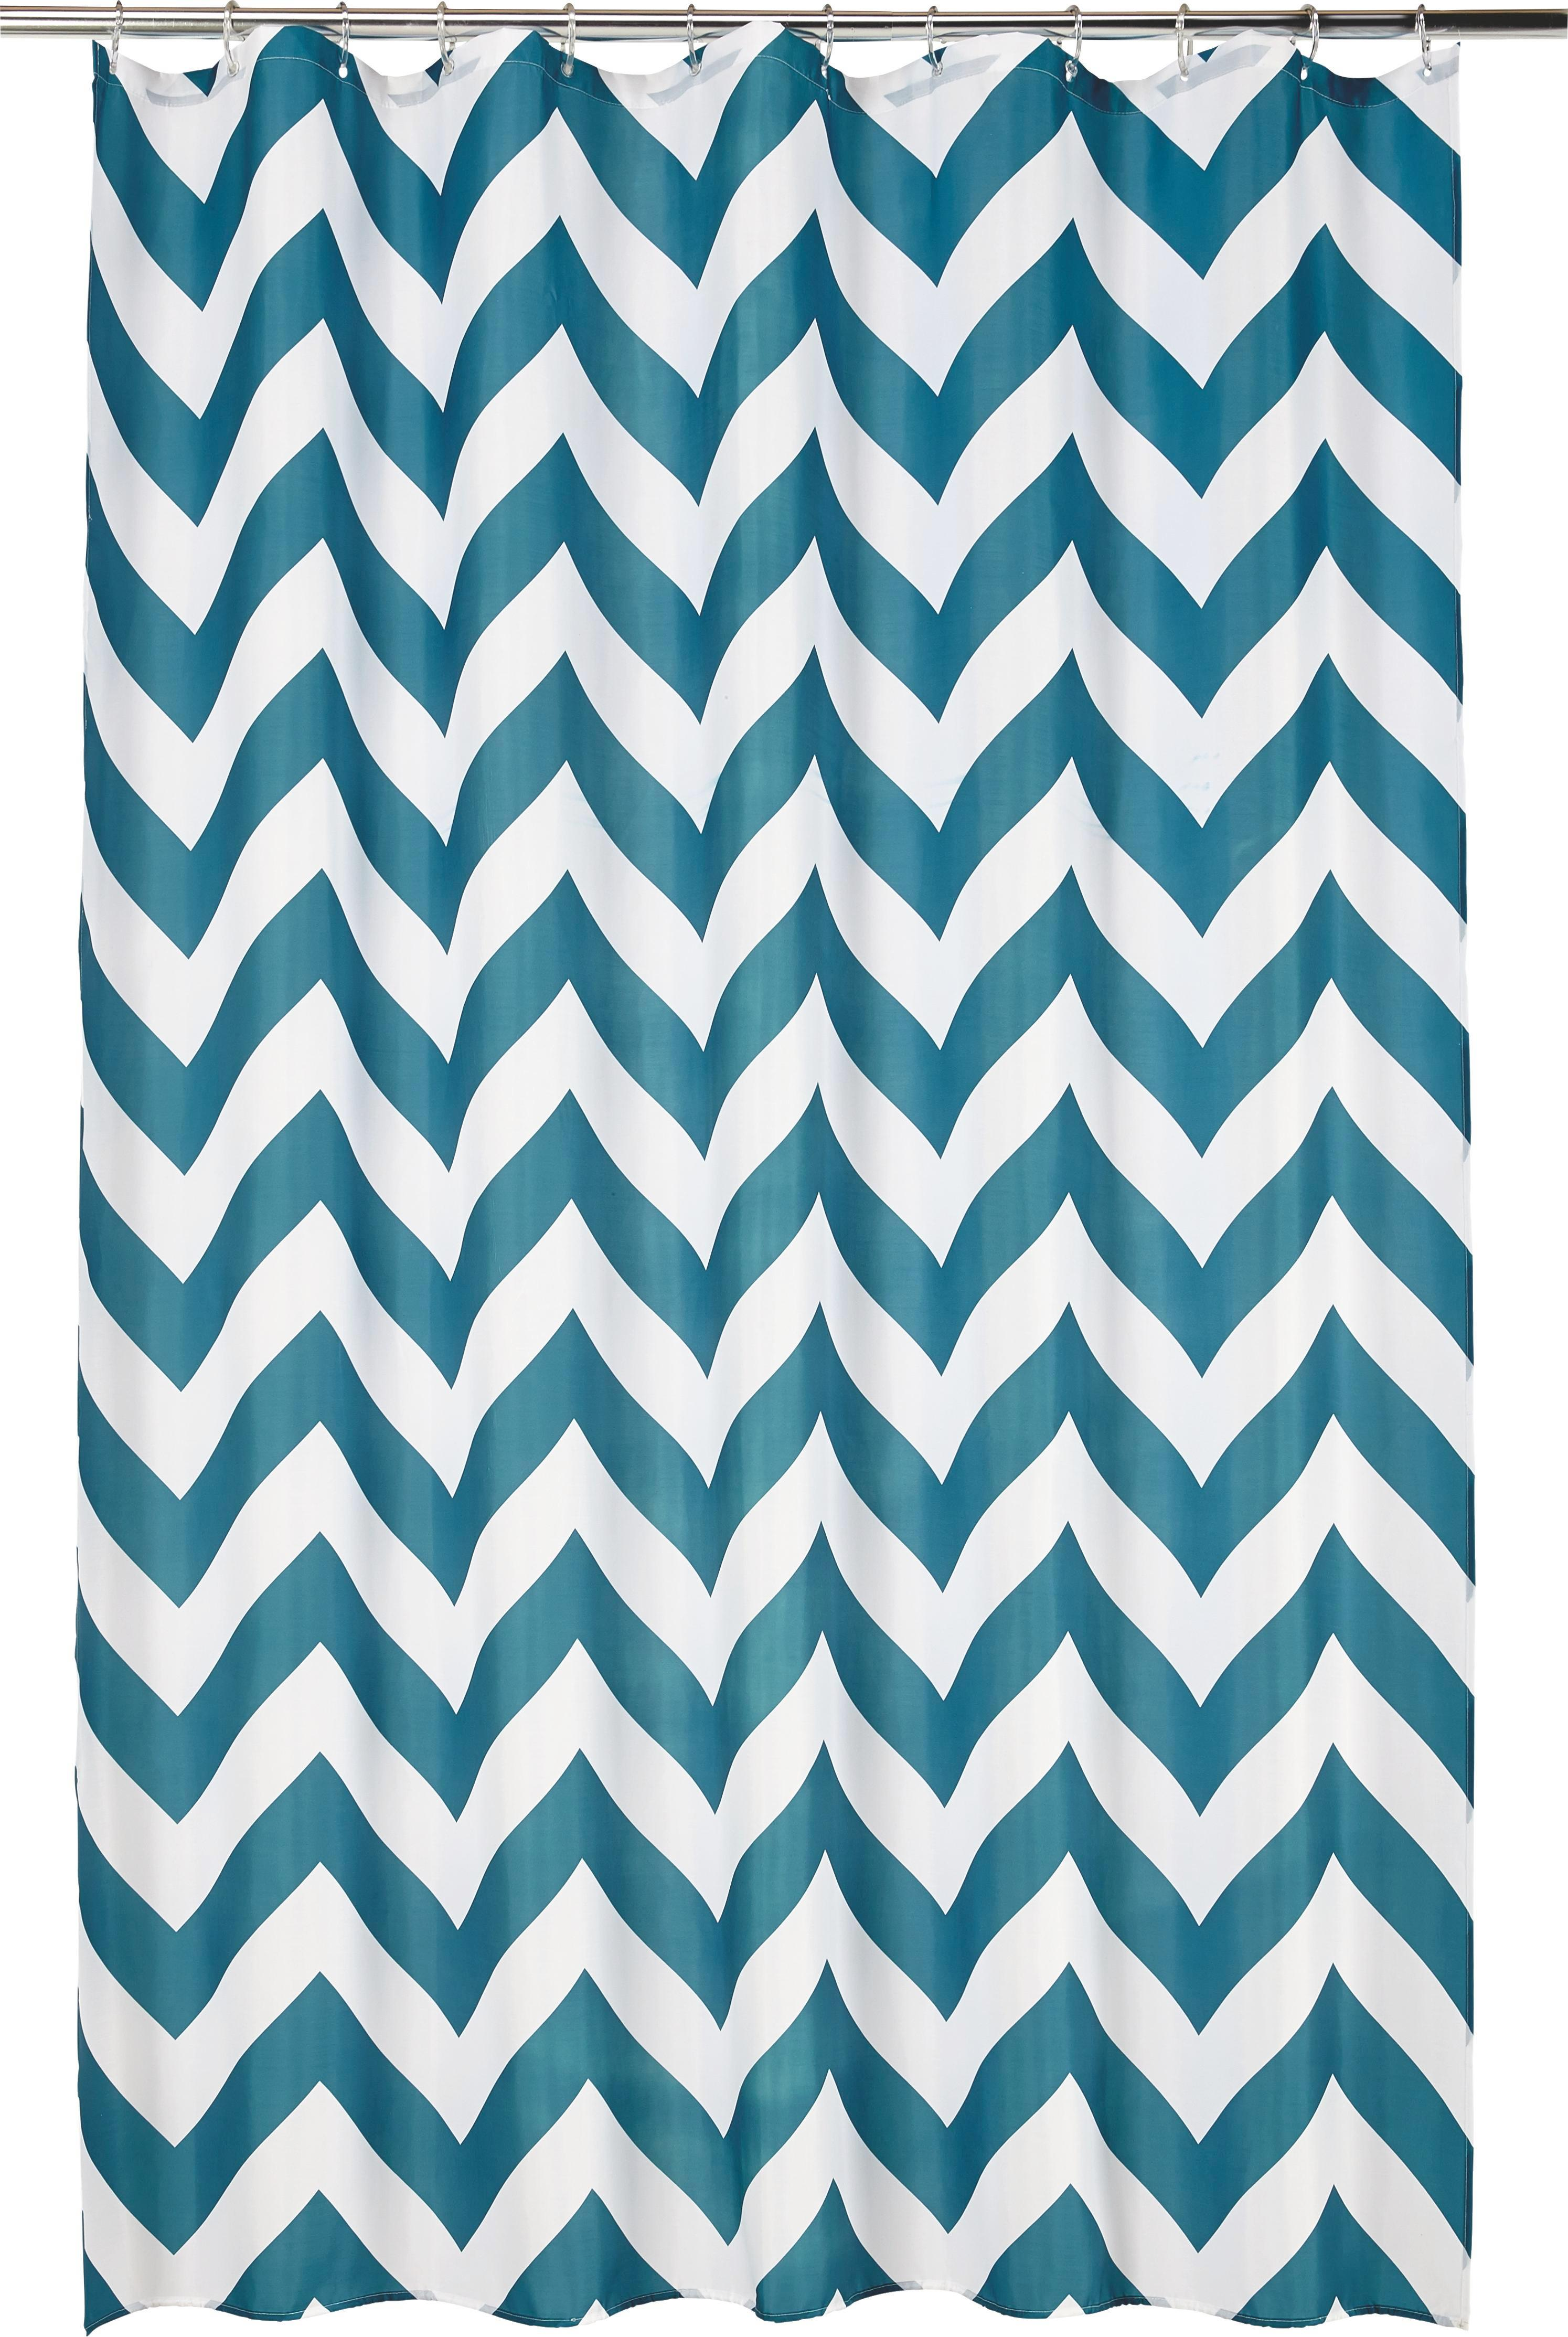 Zuhanyfüggöny Chevron Türkis - türkiz/fehér, Lifestyle, textil (180/200cm) - MÖMAX modern living